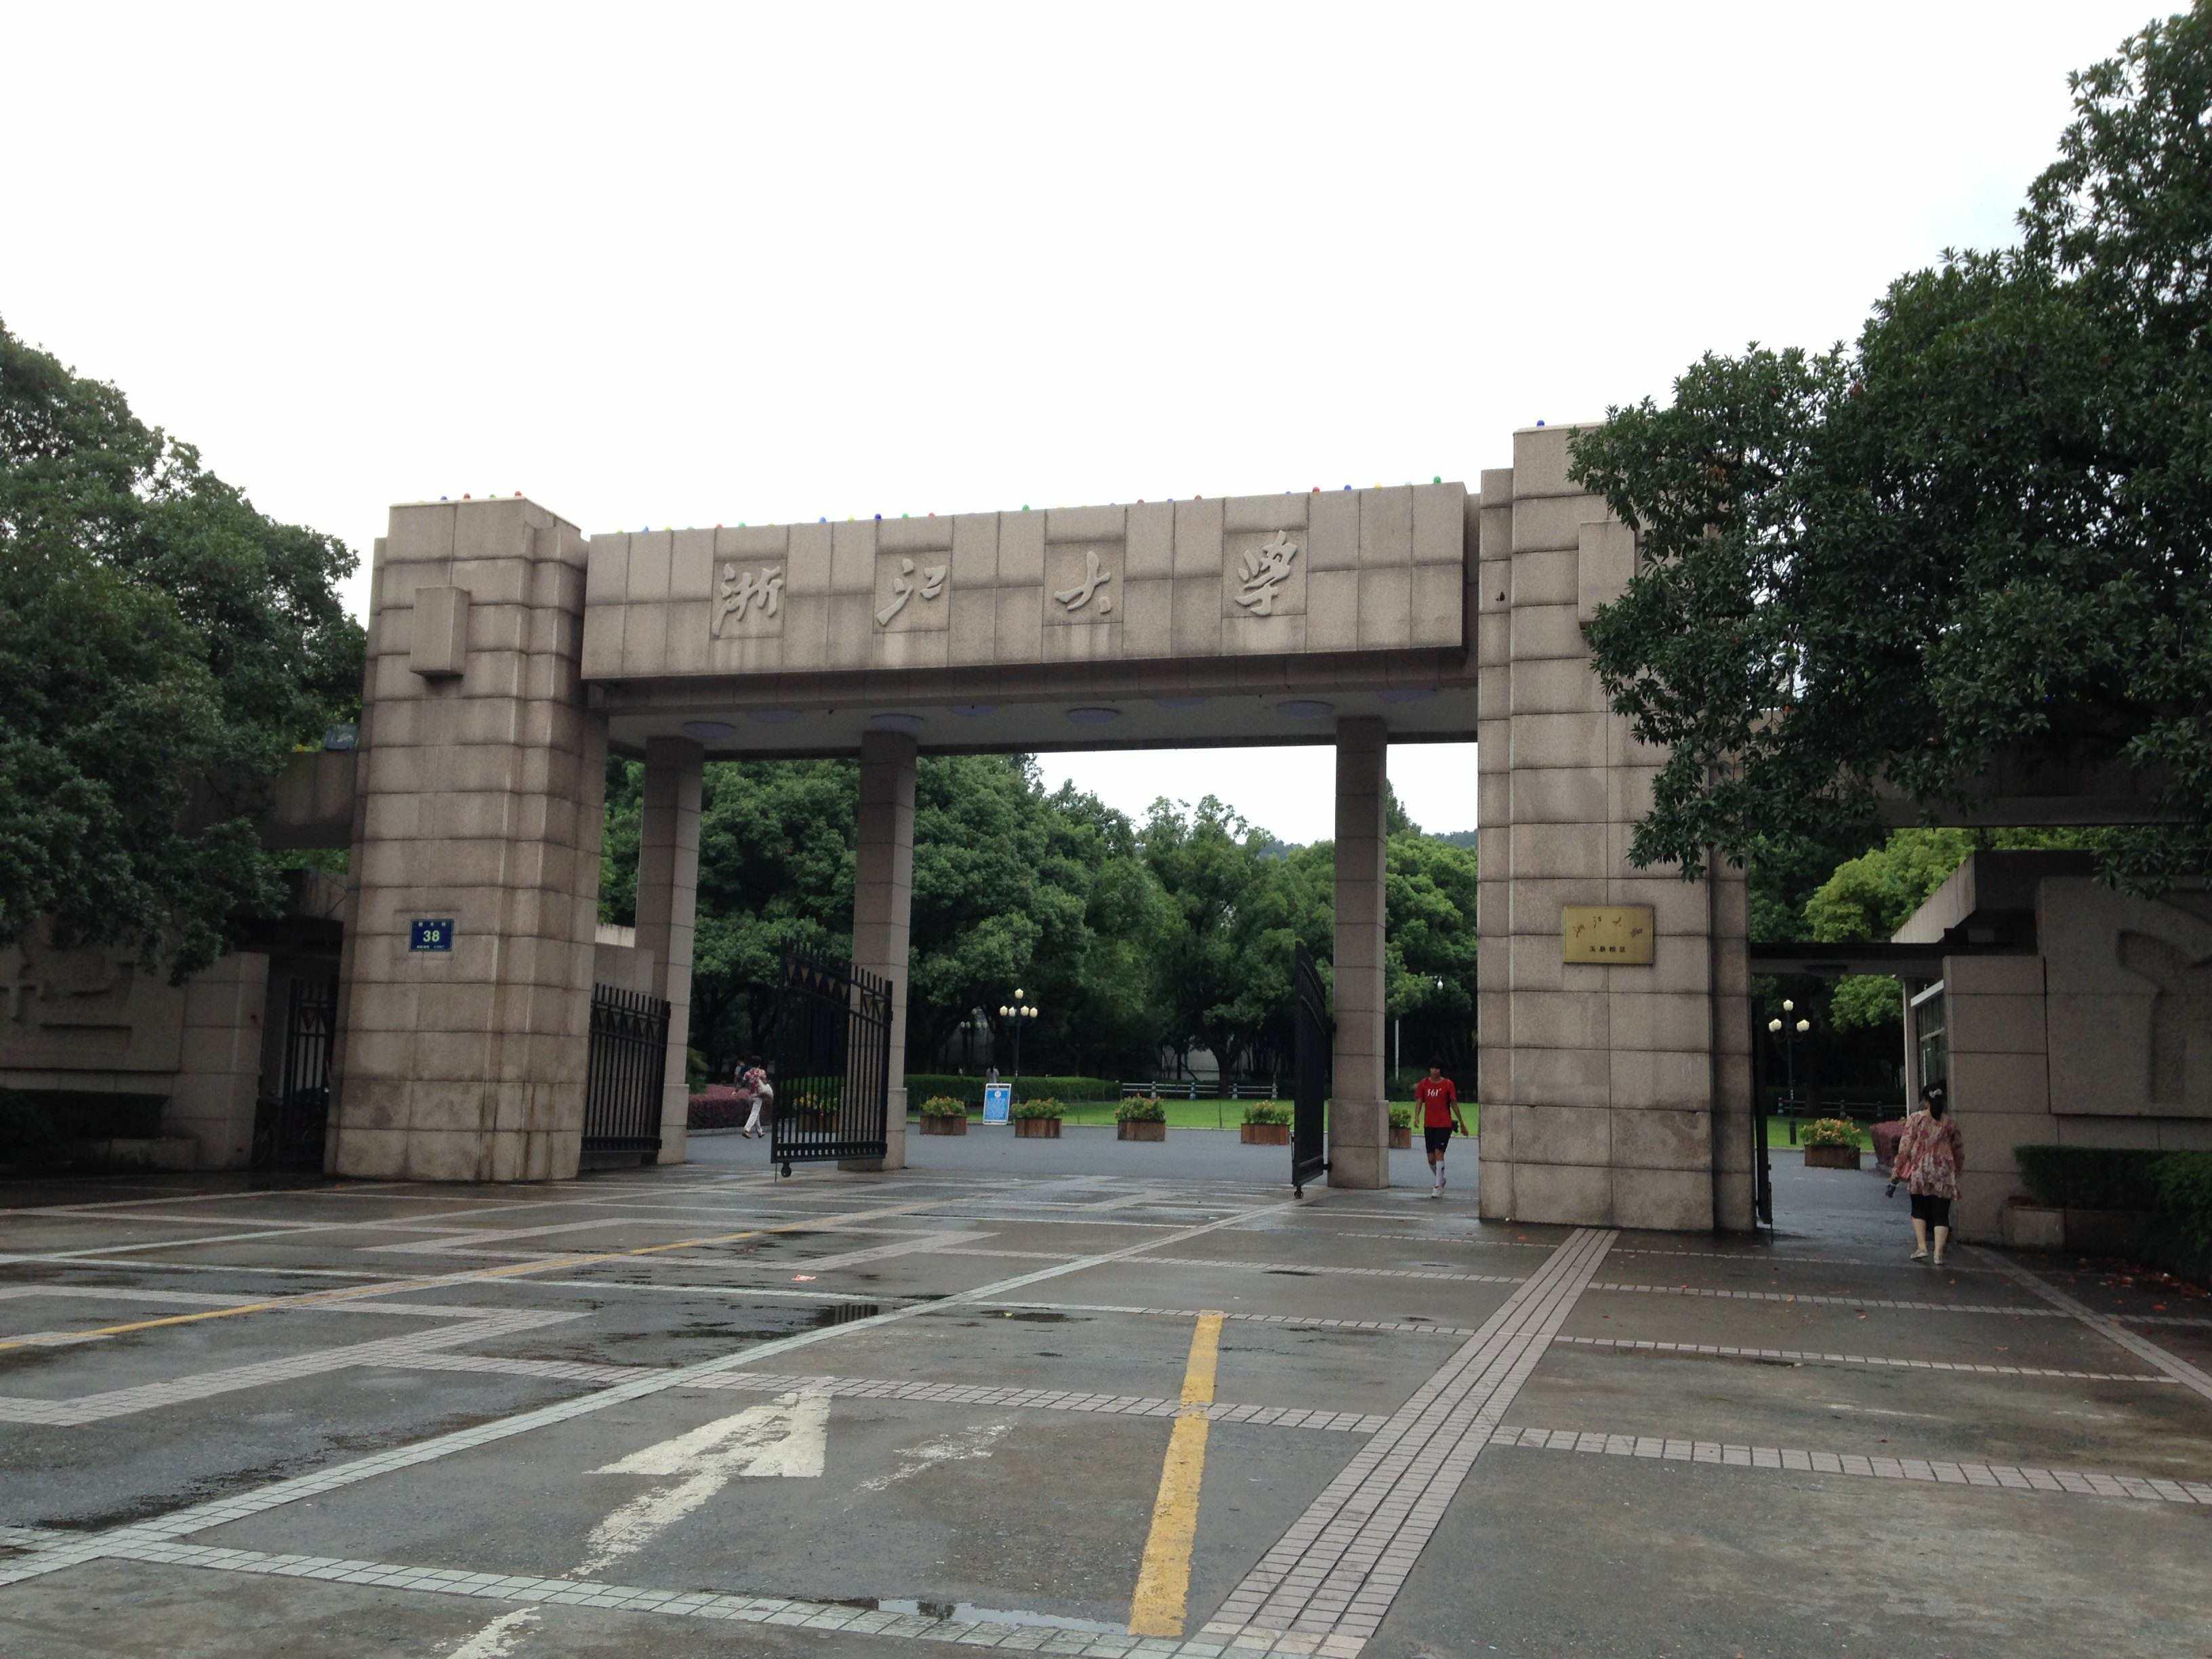 浙江大学和香港科技大学怎么选?想当公务员,还是选择这所大学